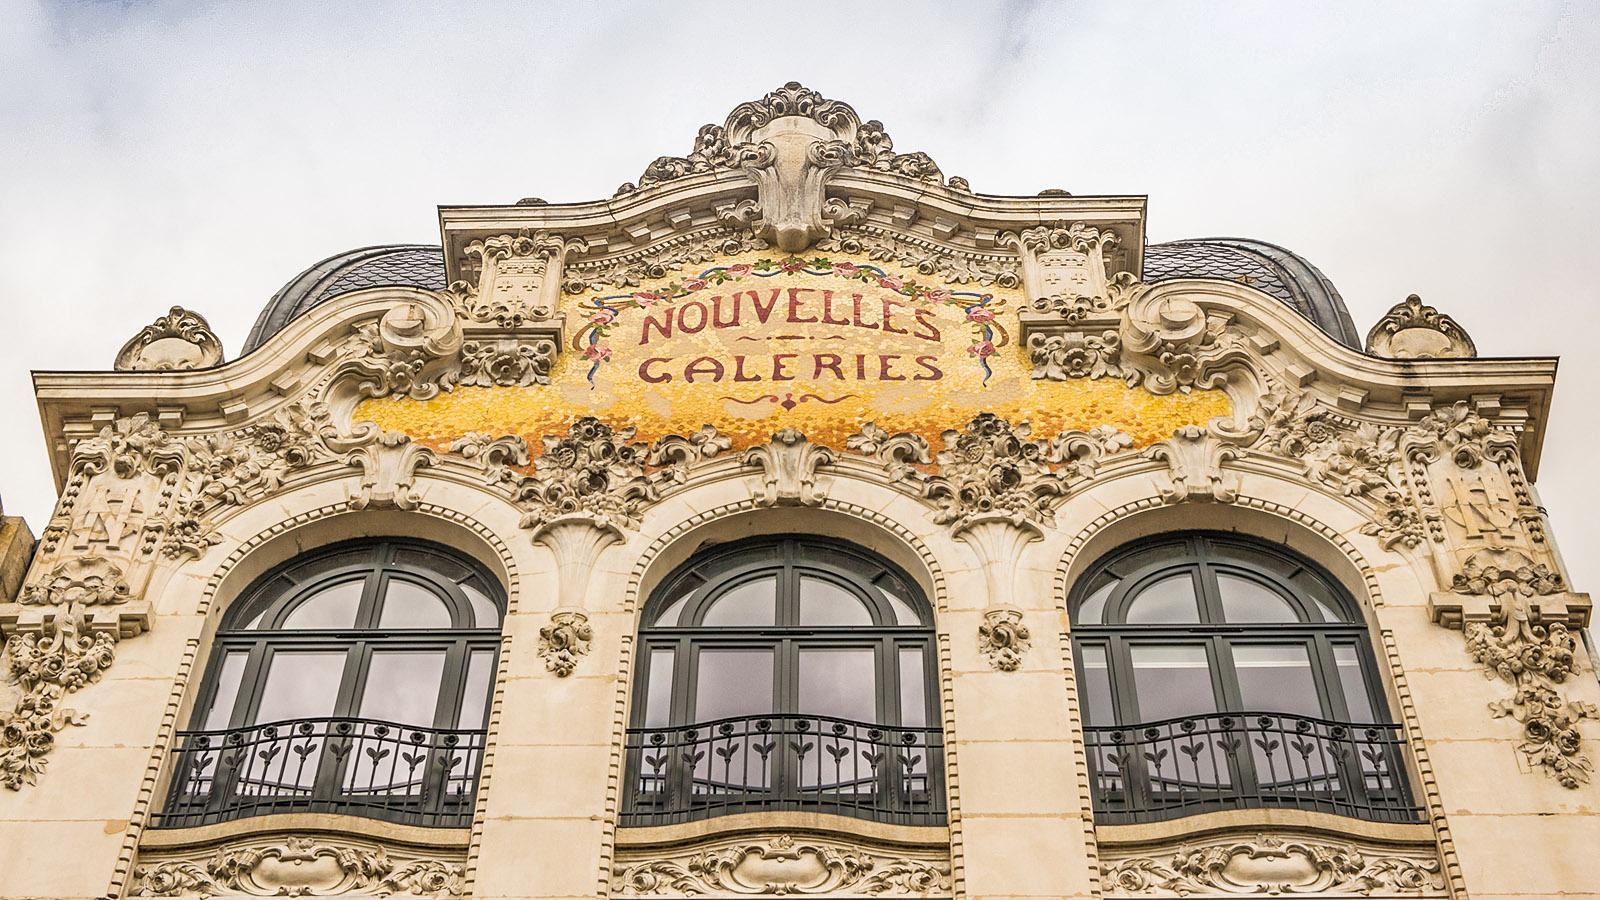 Auvergne: Belle-Époque-Schönheit: Die Fassade der Nouvelles Galeries von Moulins. Foto: Hilke Maunder